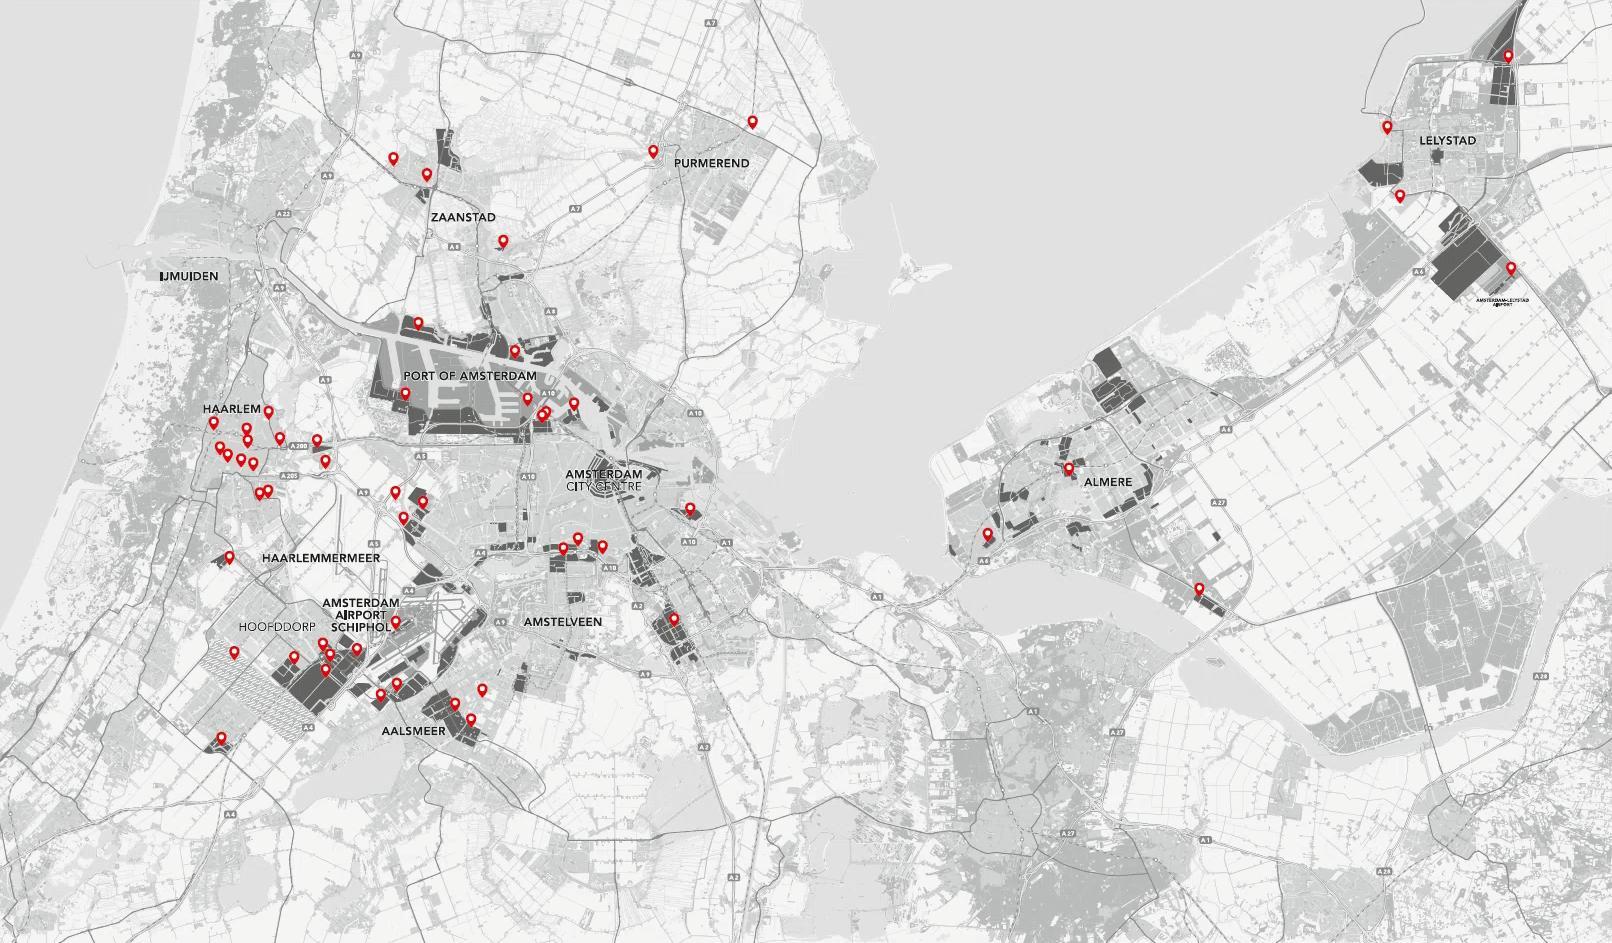 Amsterdam Hovedstadsomradet Kort Kort Over Amsterdam